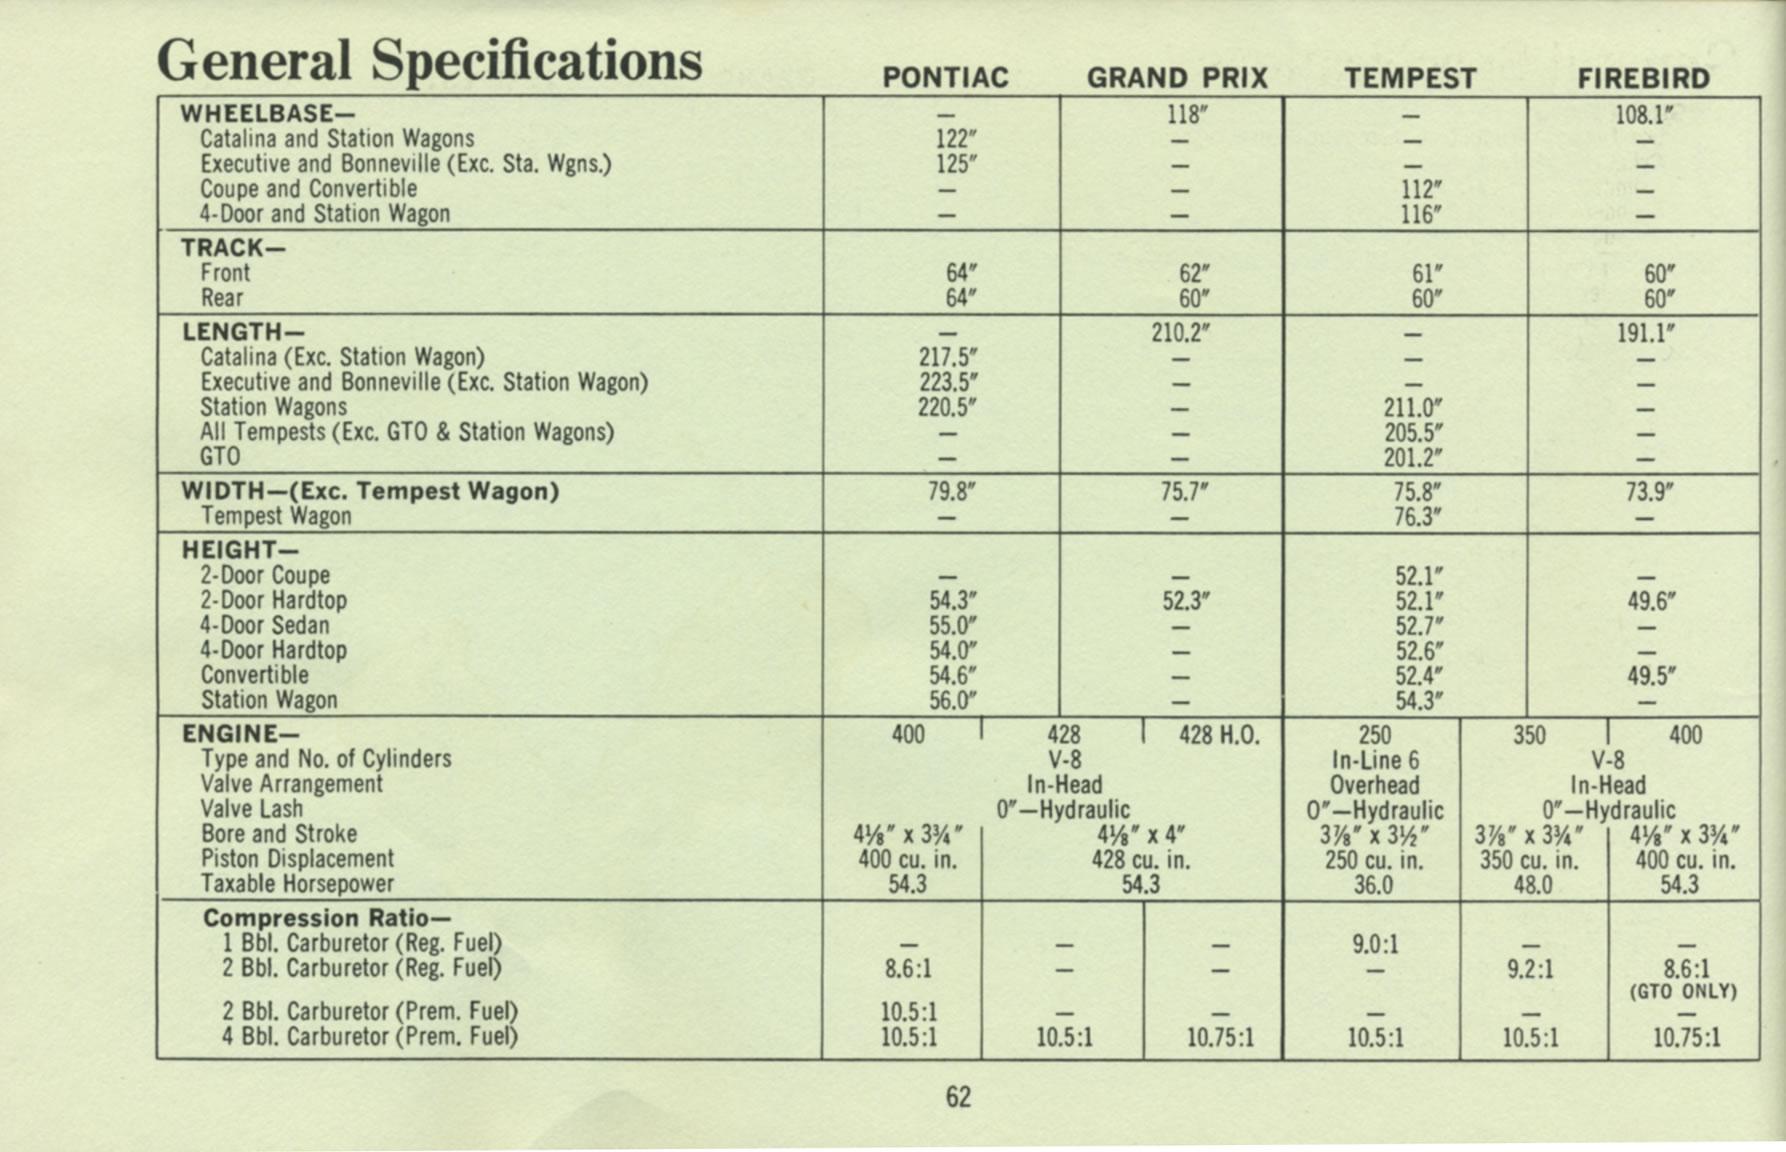 1969%20Pontiac%20Owners%20Manual-62.jpg